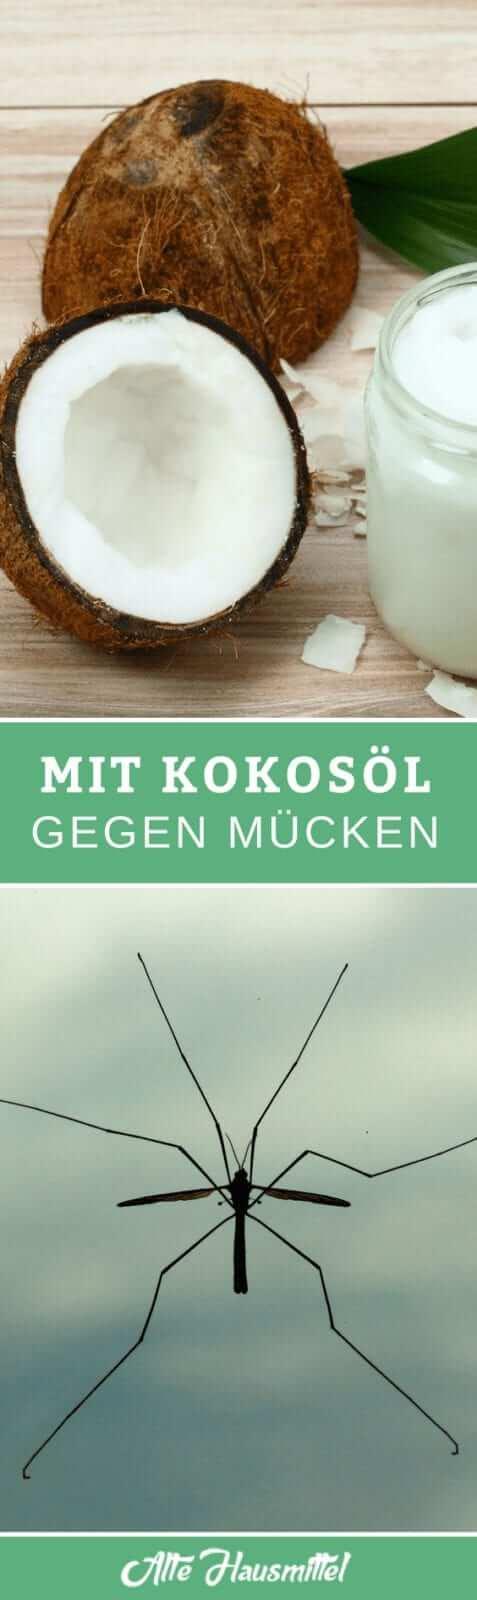 Mit Kokosöl gegen Mücken